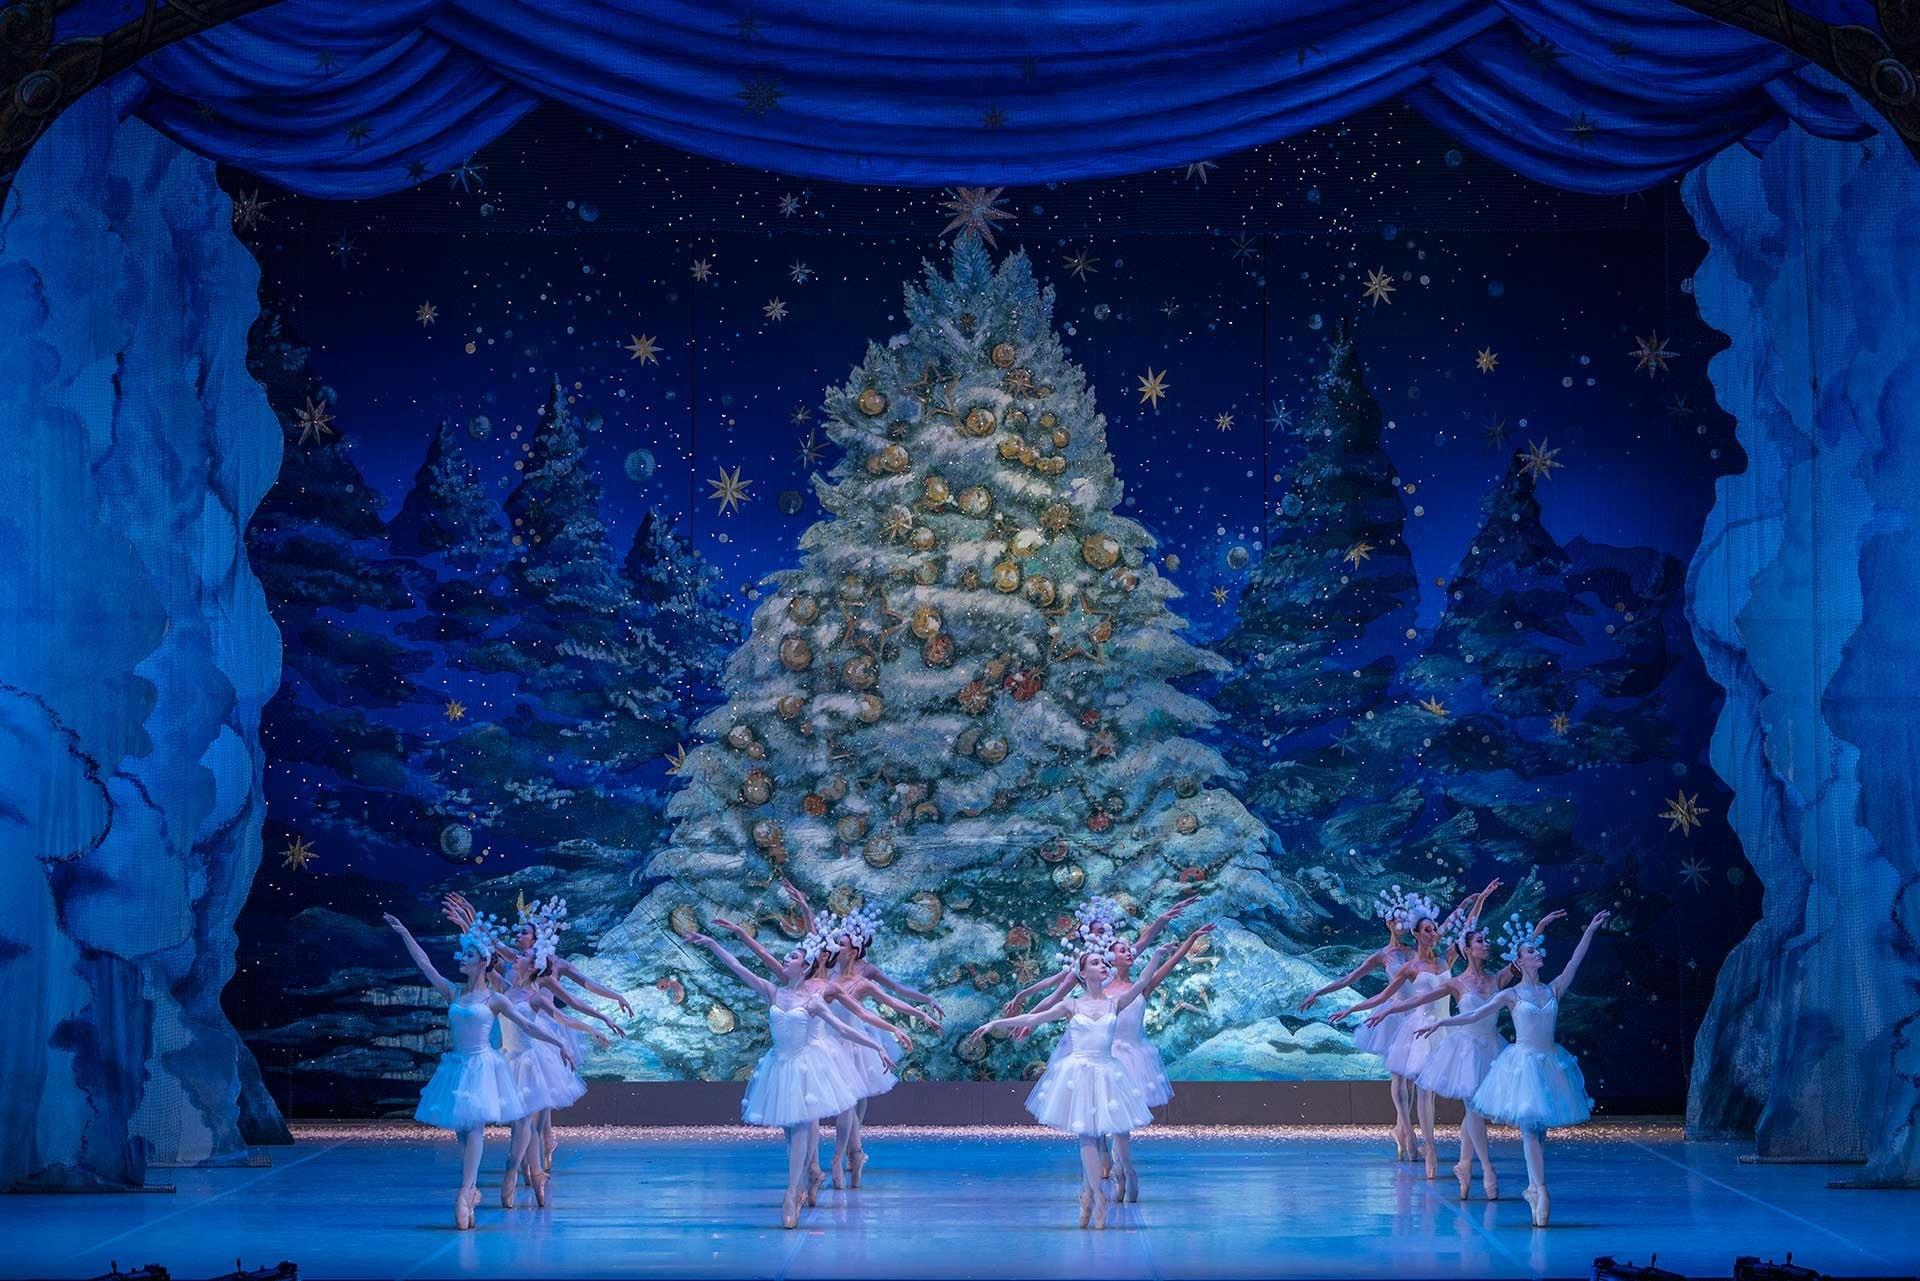 Балет «Щелкунчик» подарил новогоднее настроение